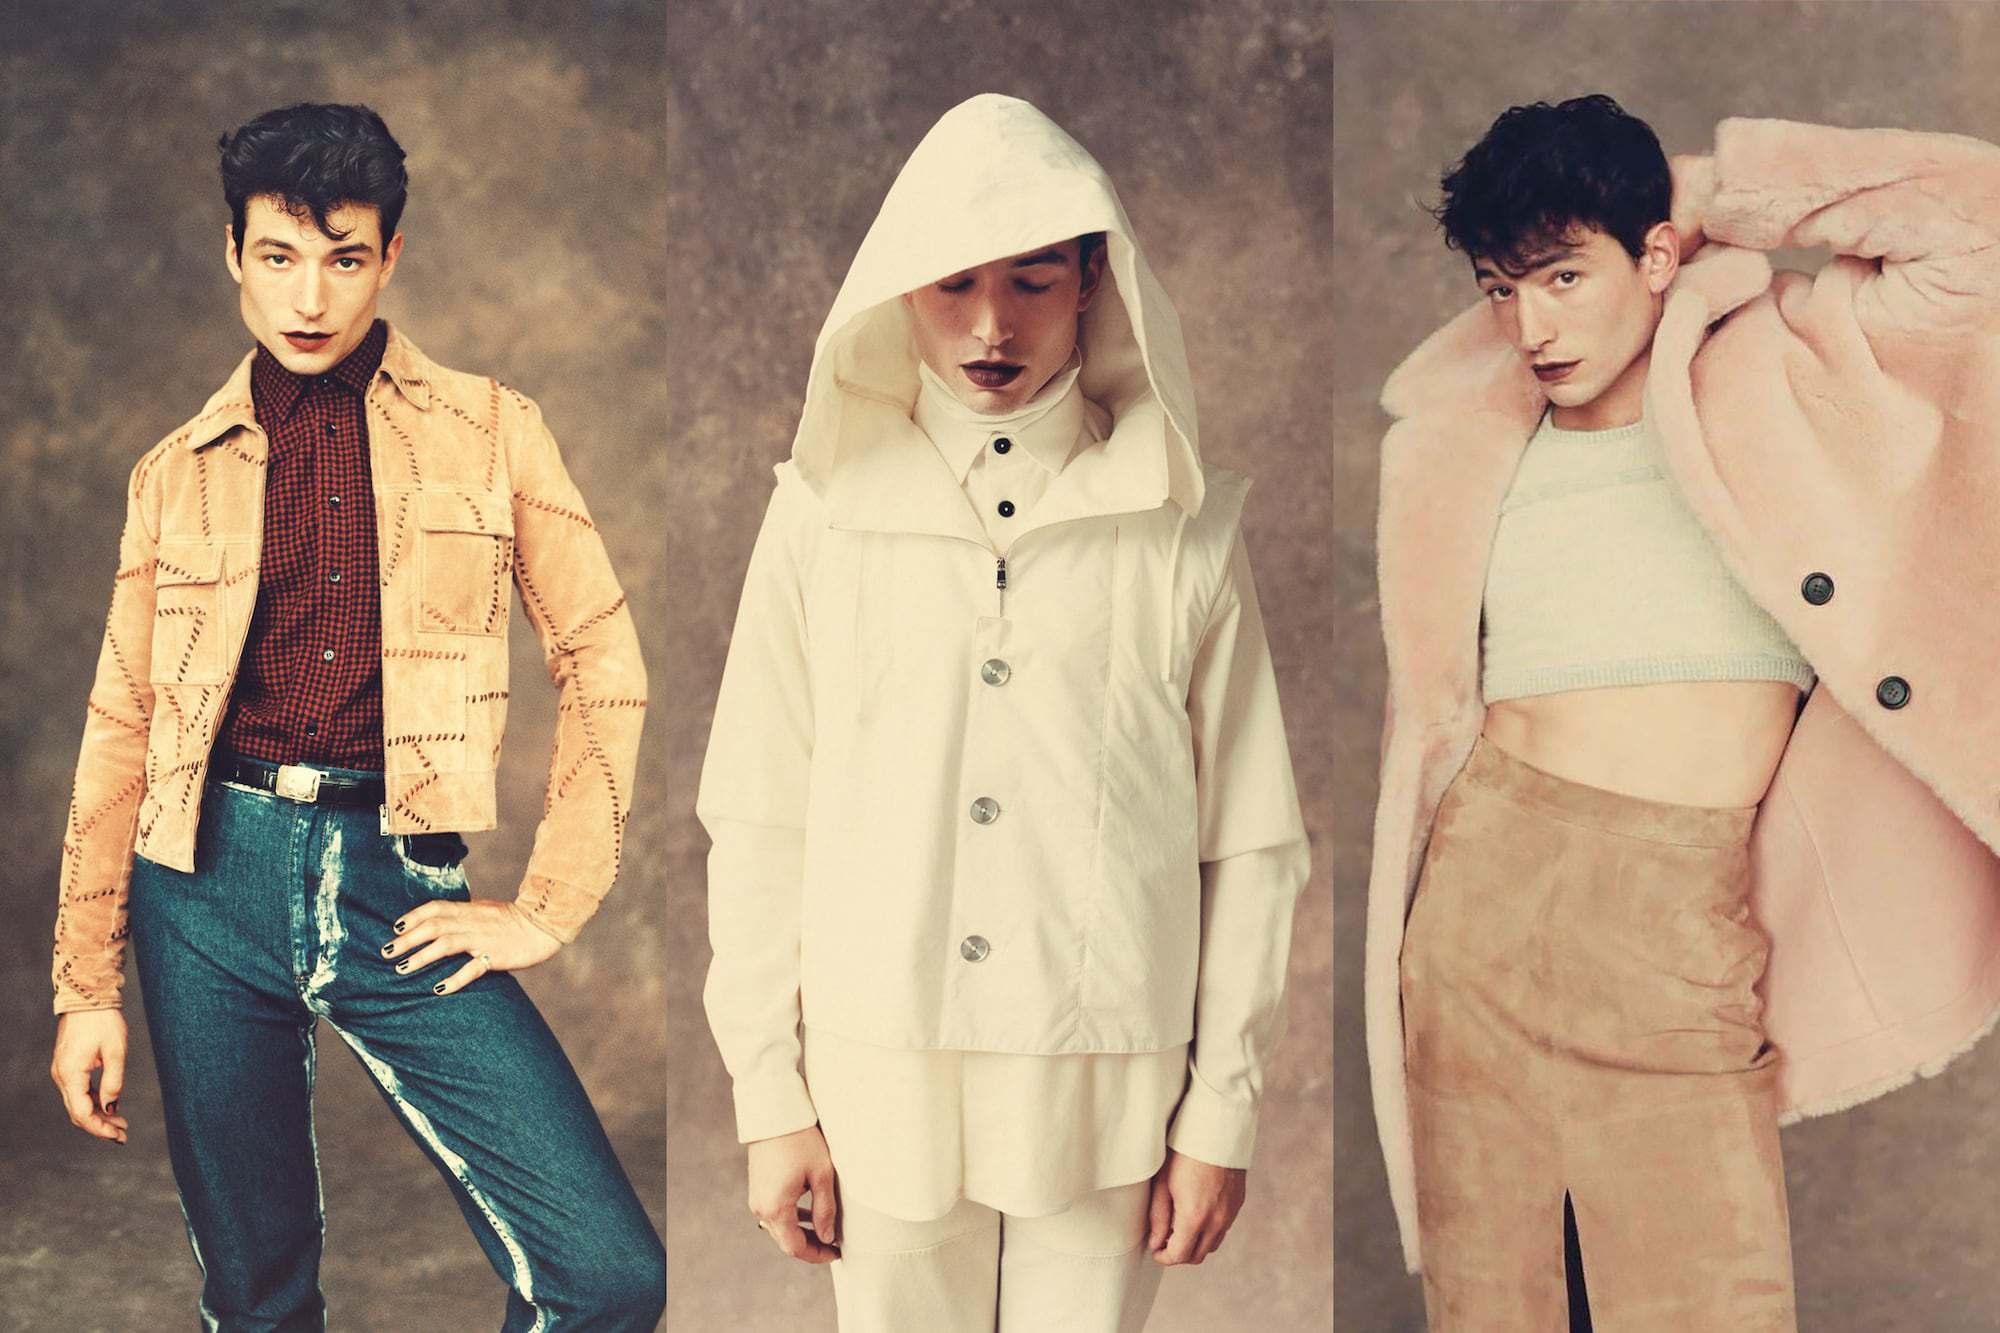 Thời trang giới tính linh hoạt: Kéo nam giới ra khỏi khuôn mẫu độc hại